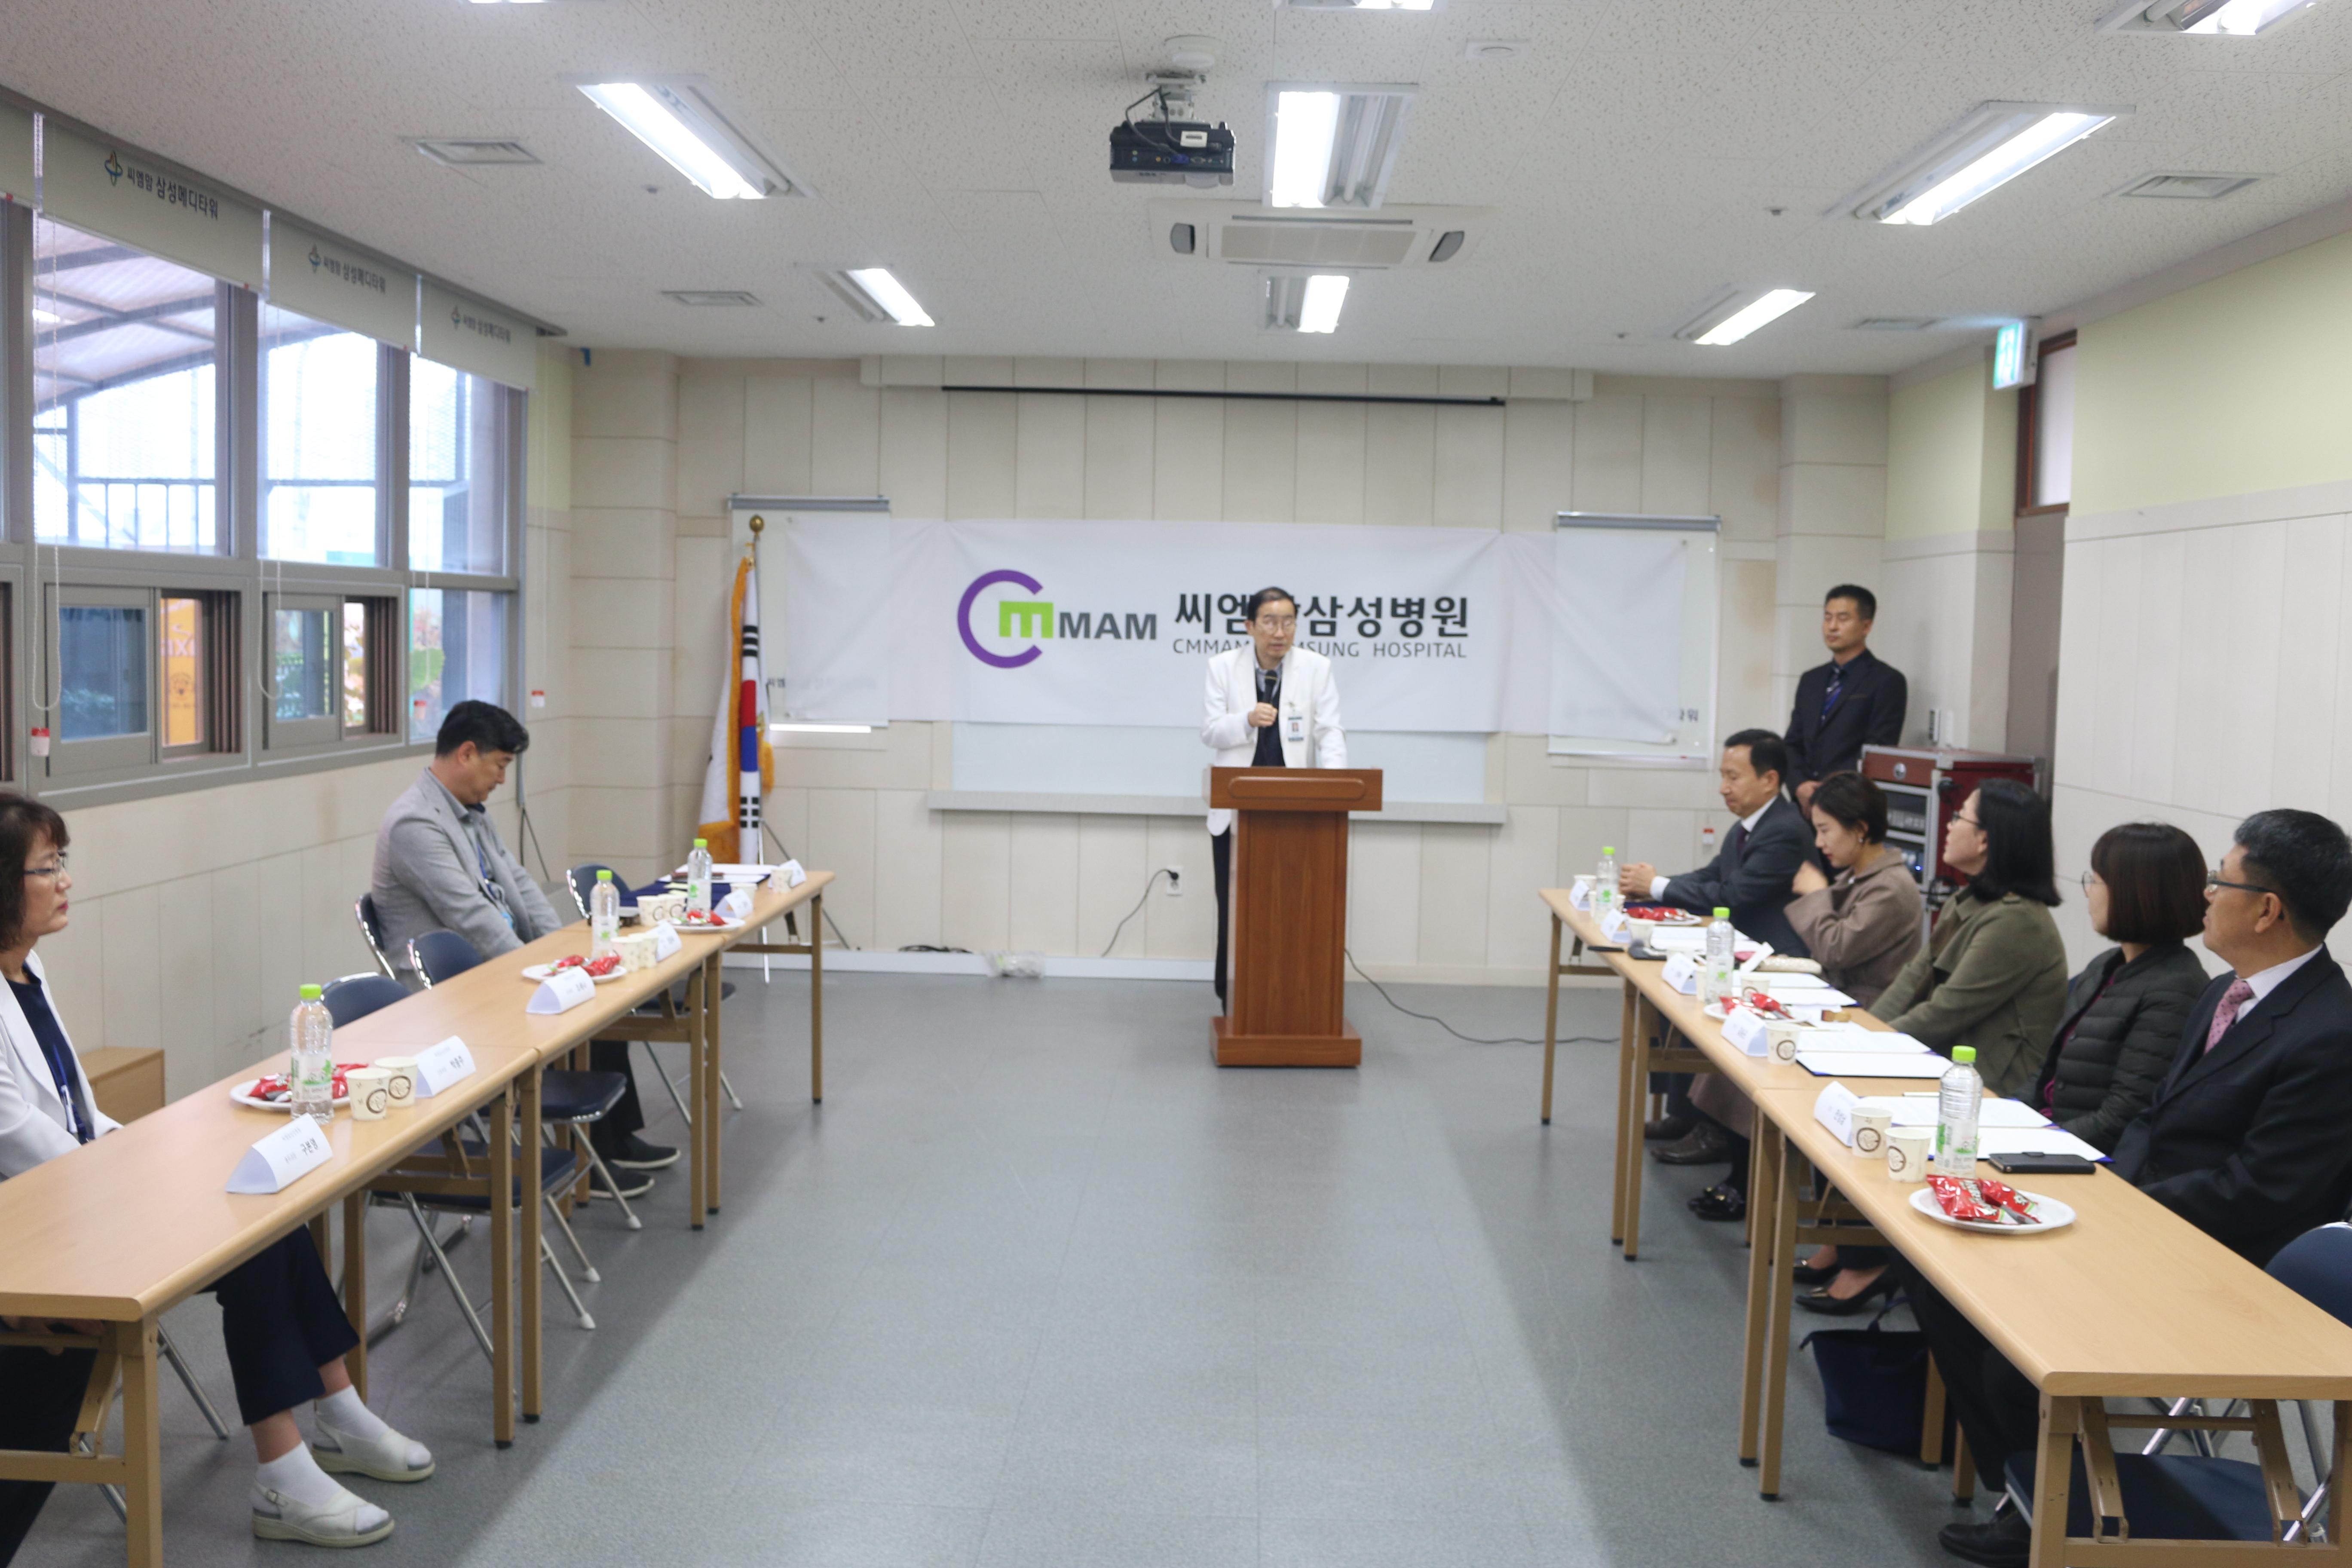 이미지 1:광주광역시 동구지역 복지기관 협약식